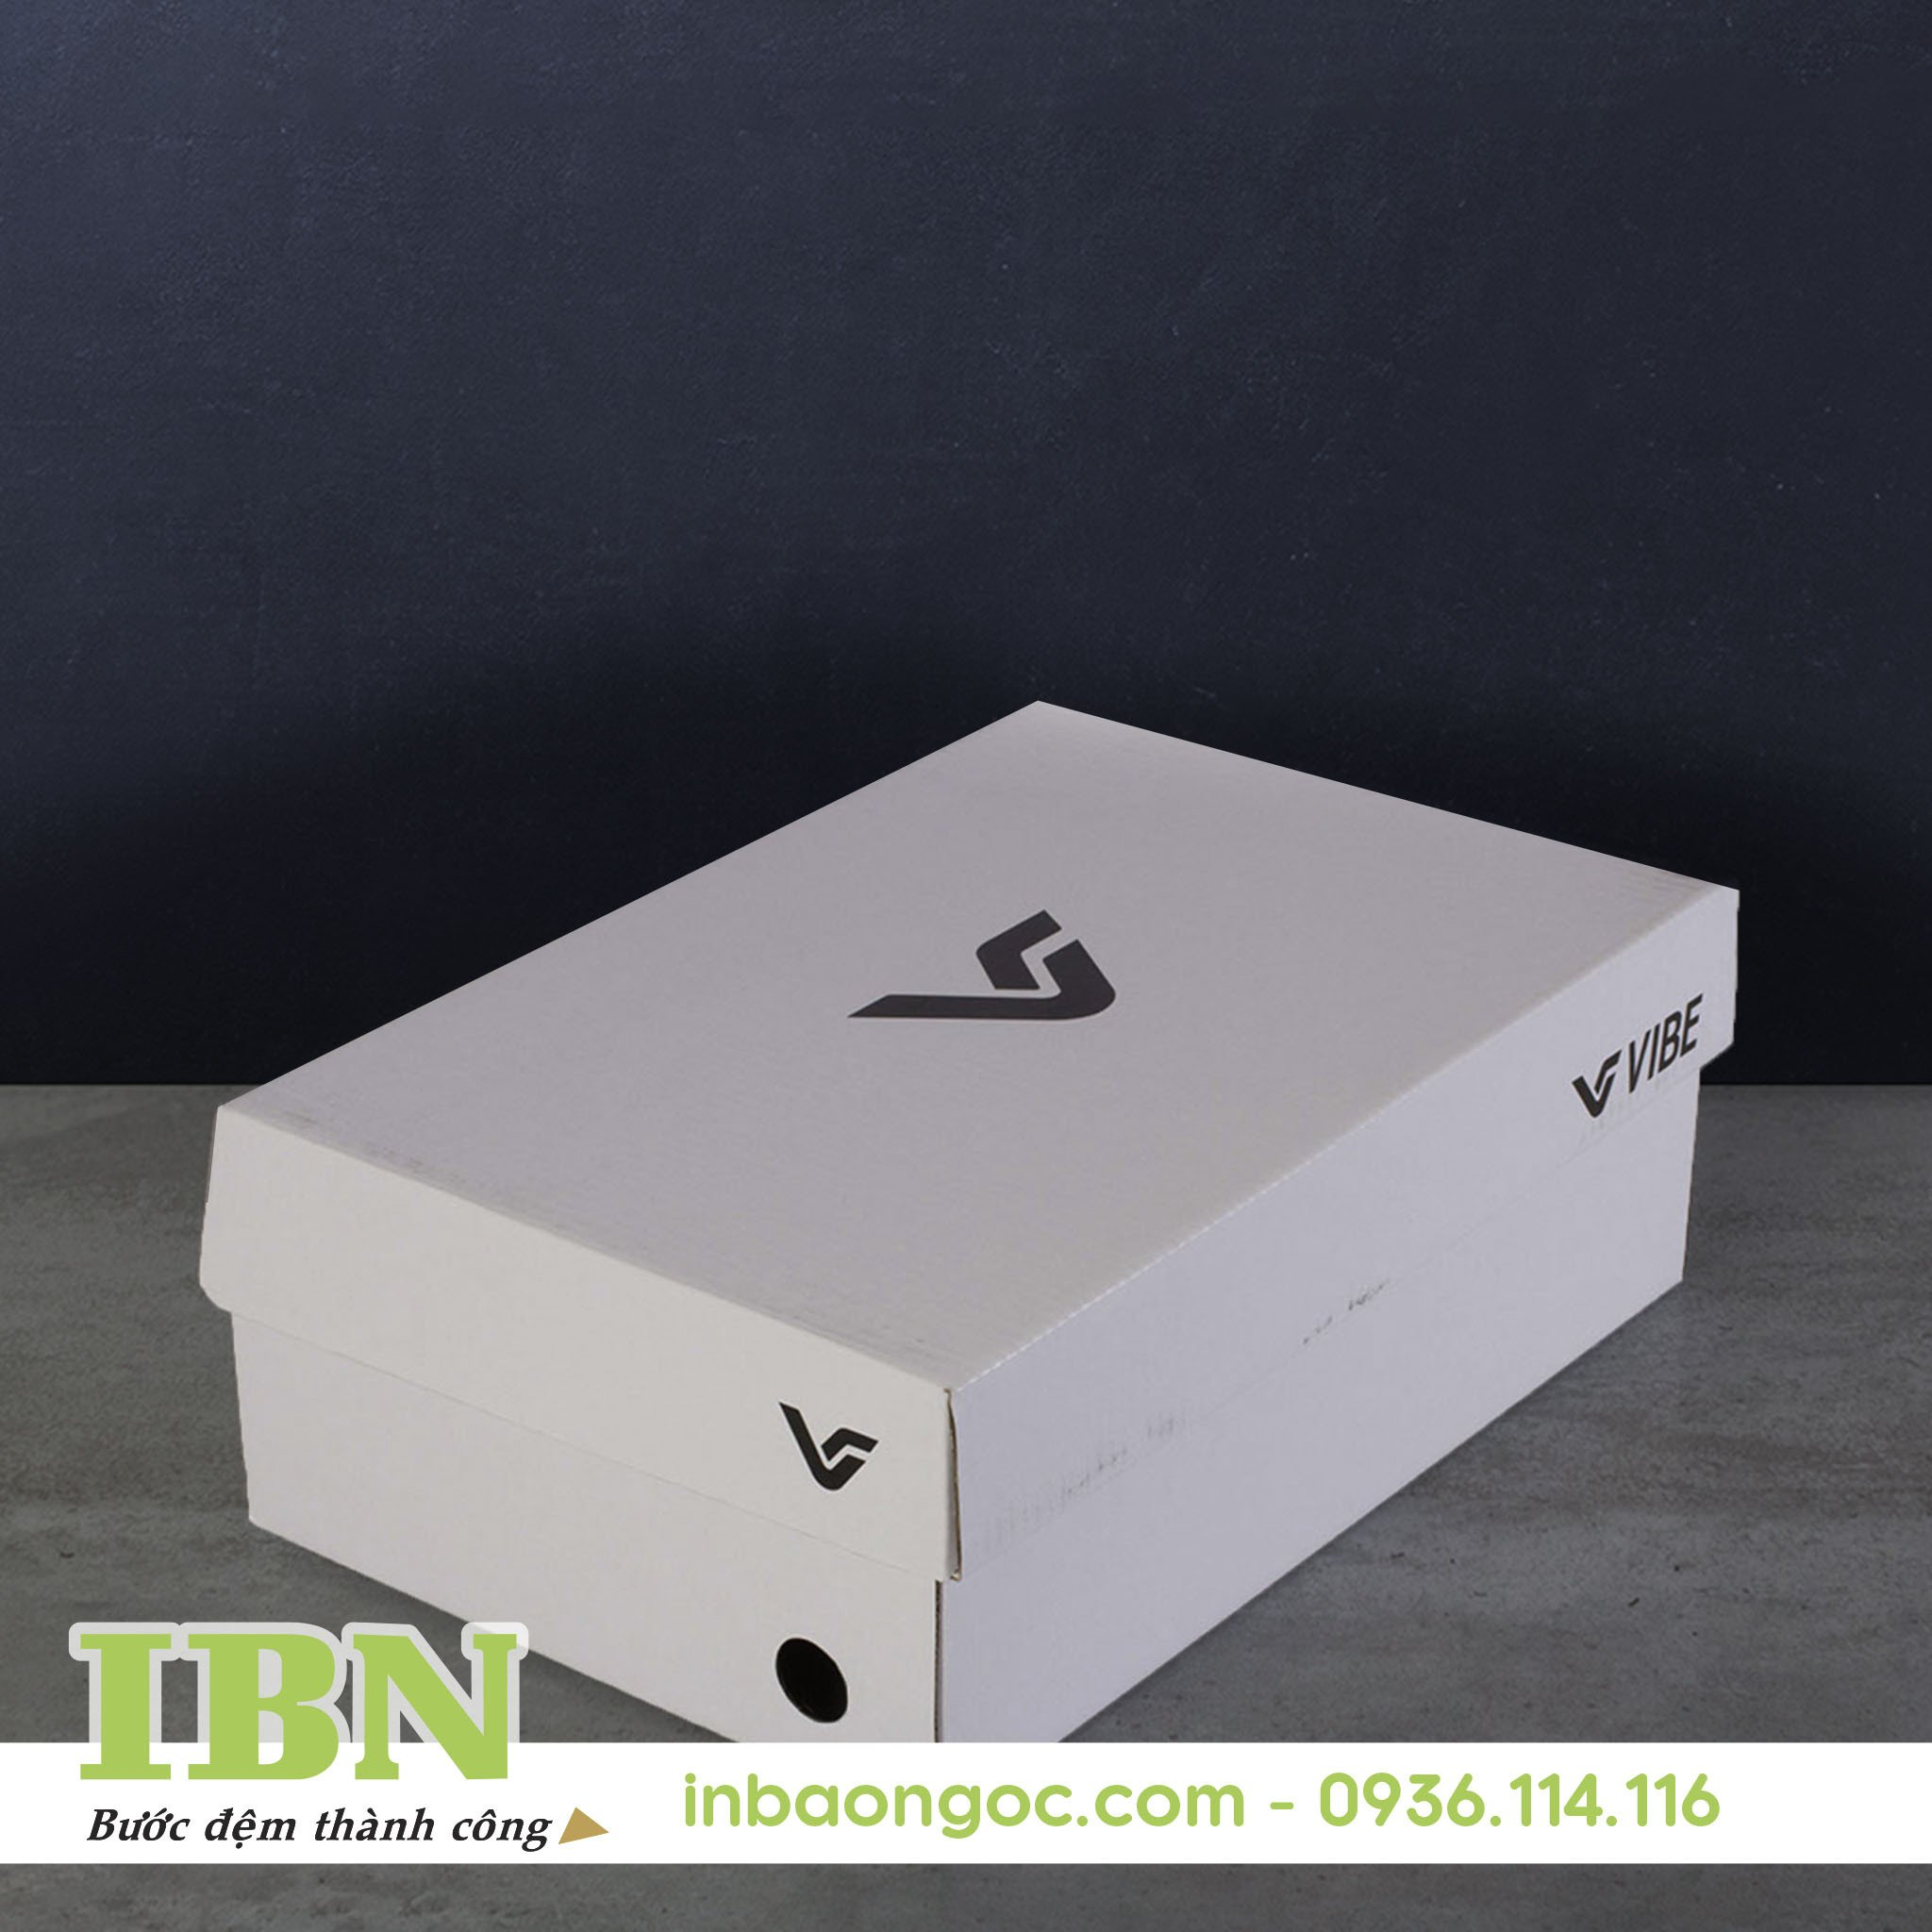 Mẫu hộp giấy đựng giày đẹp 06